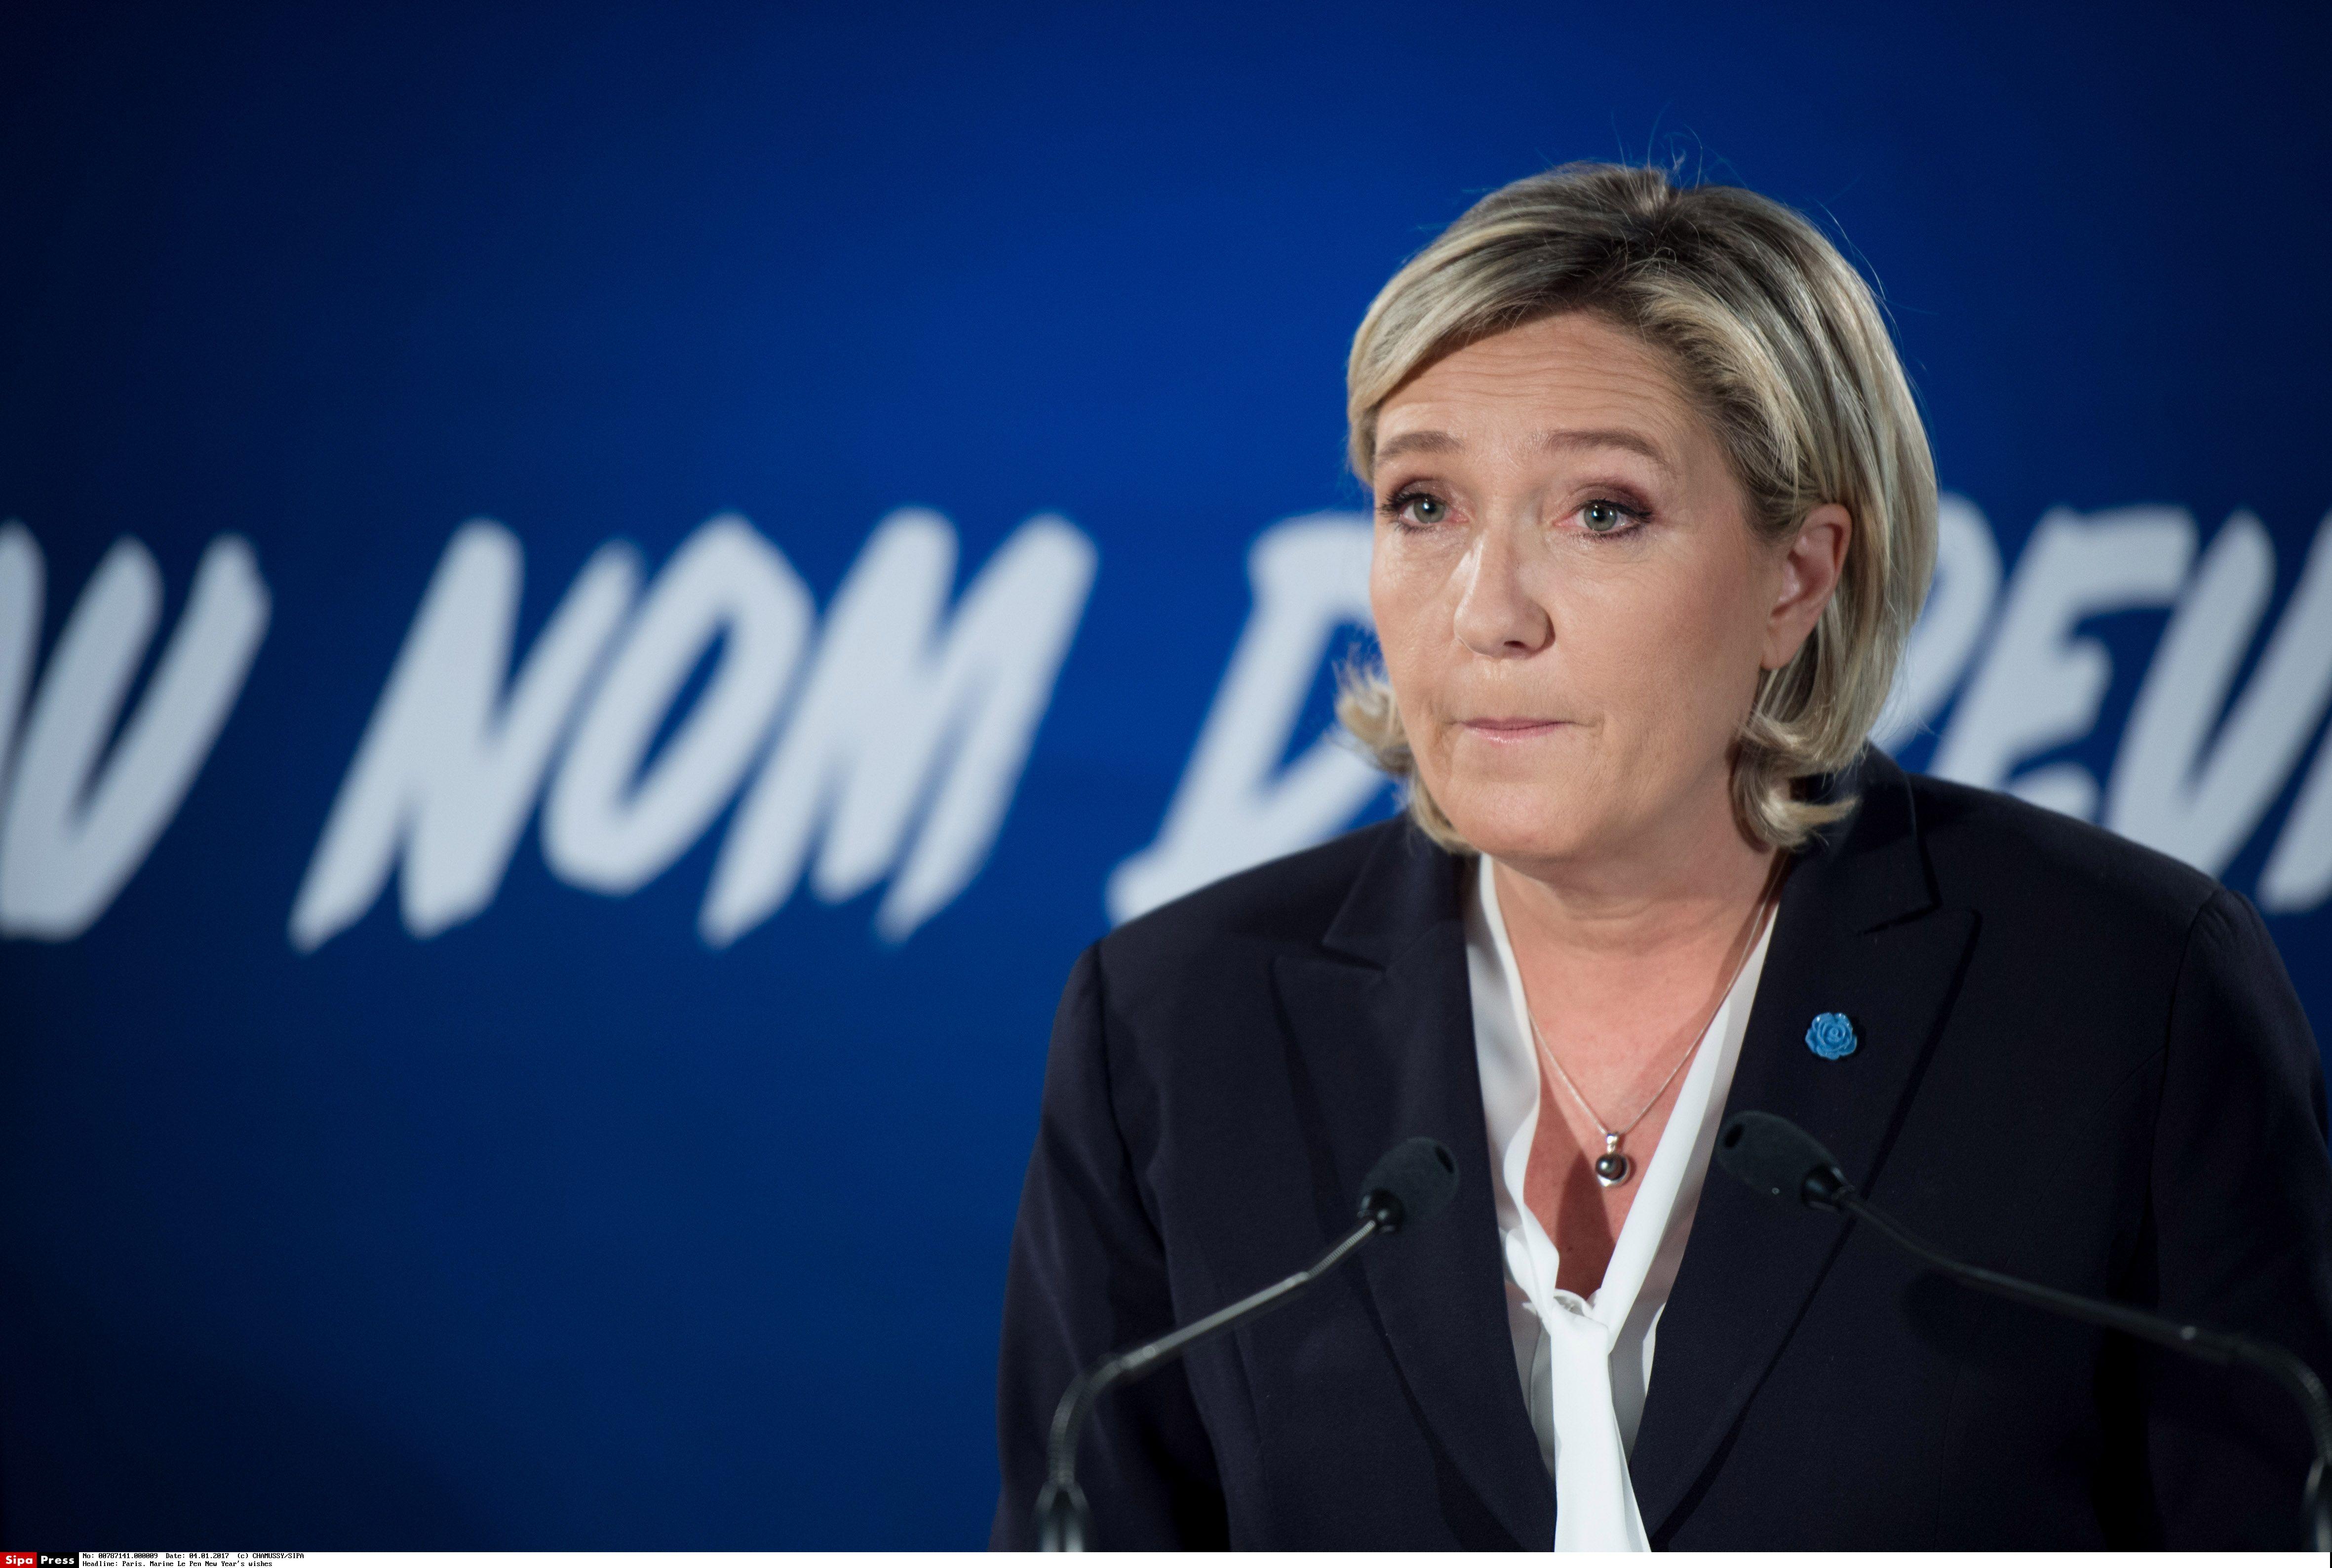 Populistai maišo ES su žemėmis už Europos Parlamento lėšas